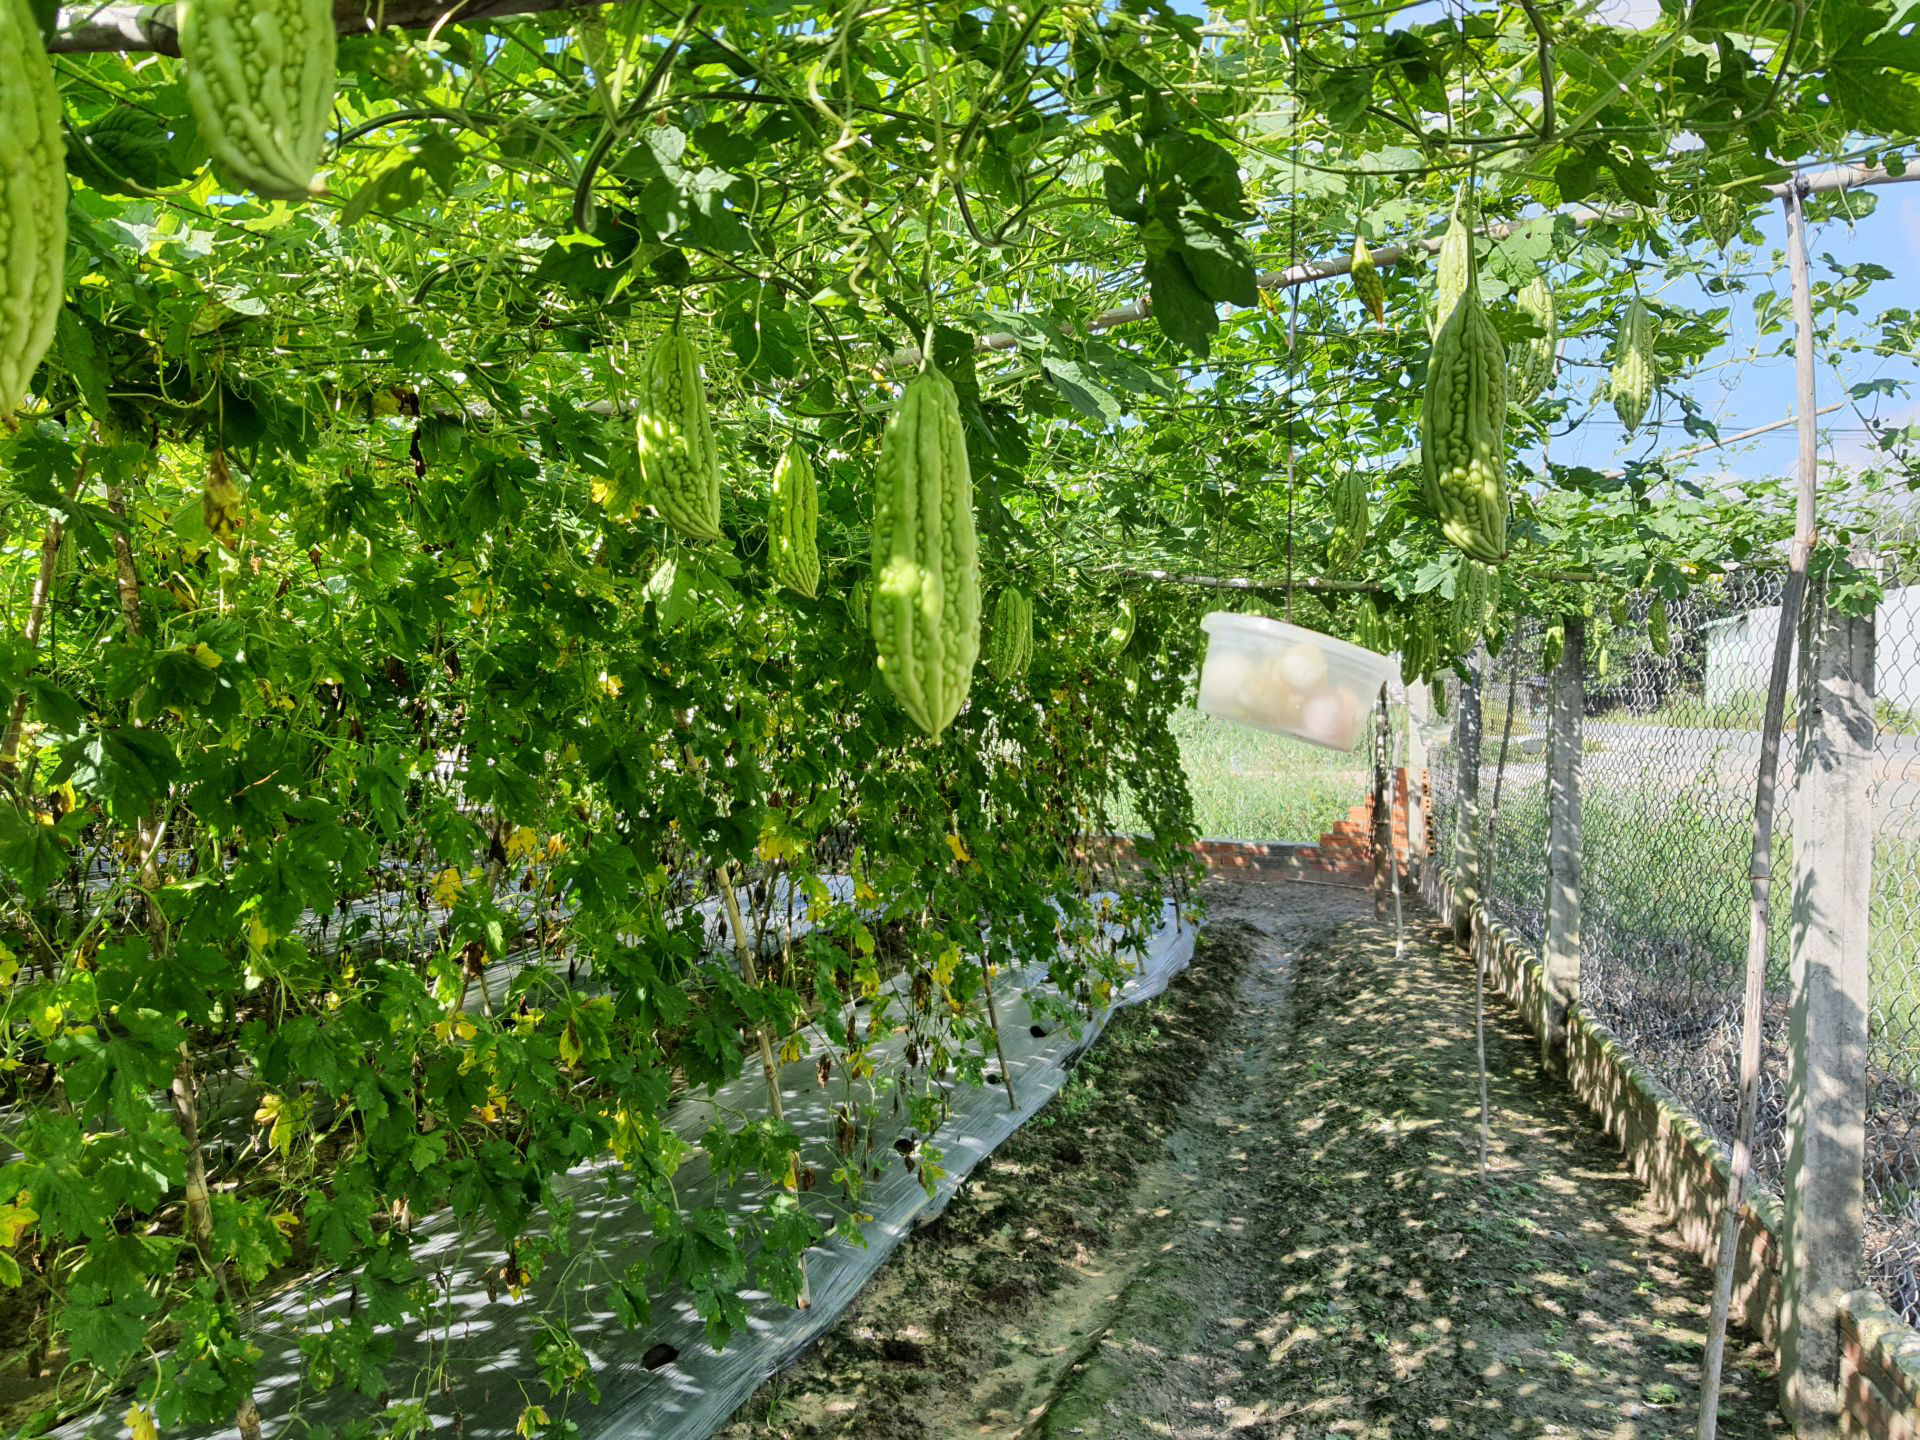 Tây Ninh: Ông nông dân dùng thứ cây có mùi lạ để đuổi côn trùng, cây ra trái bự ngon sạch không có mà bán - Ảnh 2.